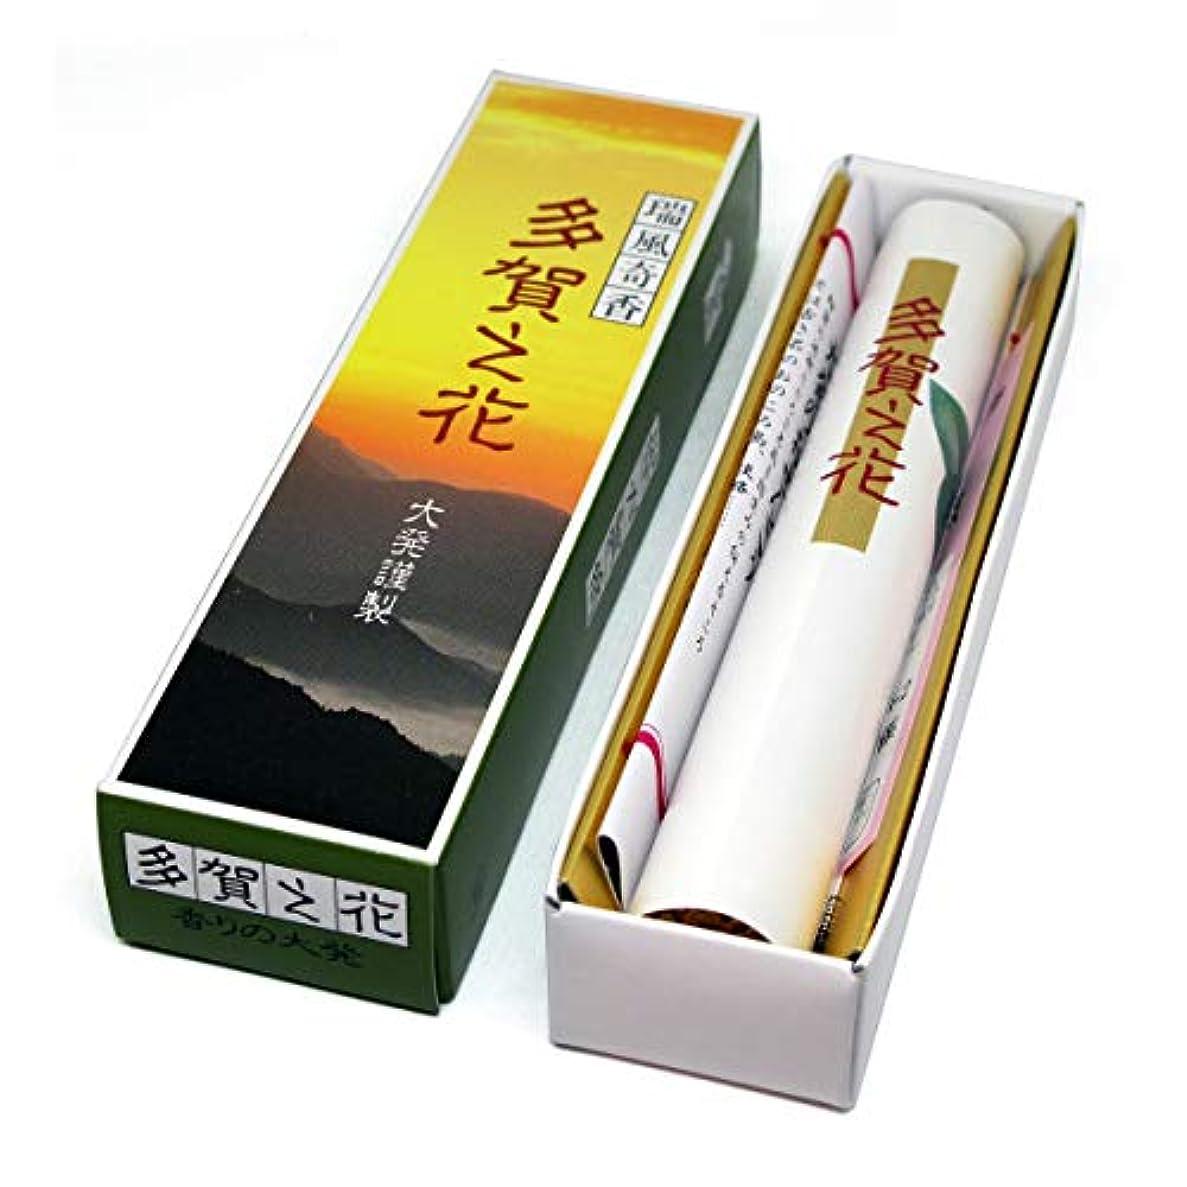 ギャロップ全員連続的ダイハツ 和香 サンダルウッド お香スティック タガノハナ 小型 5.2インチ 90本 日本製